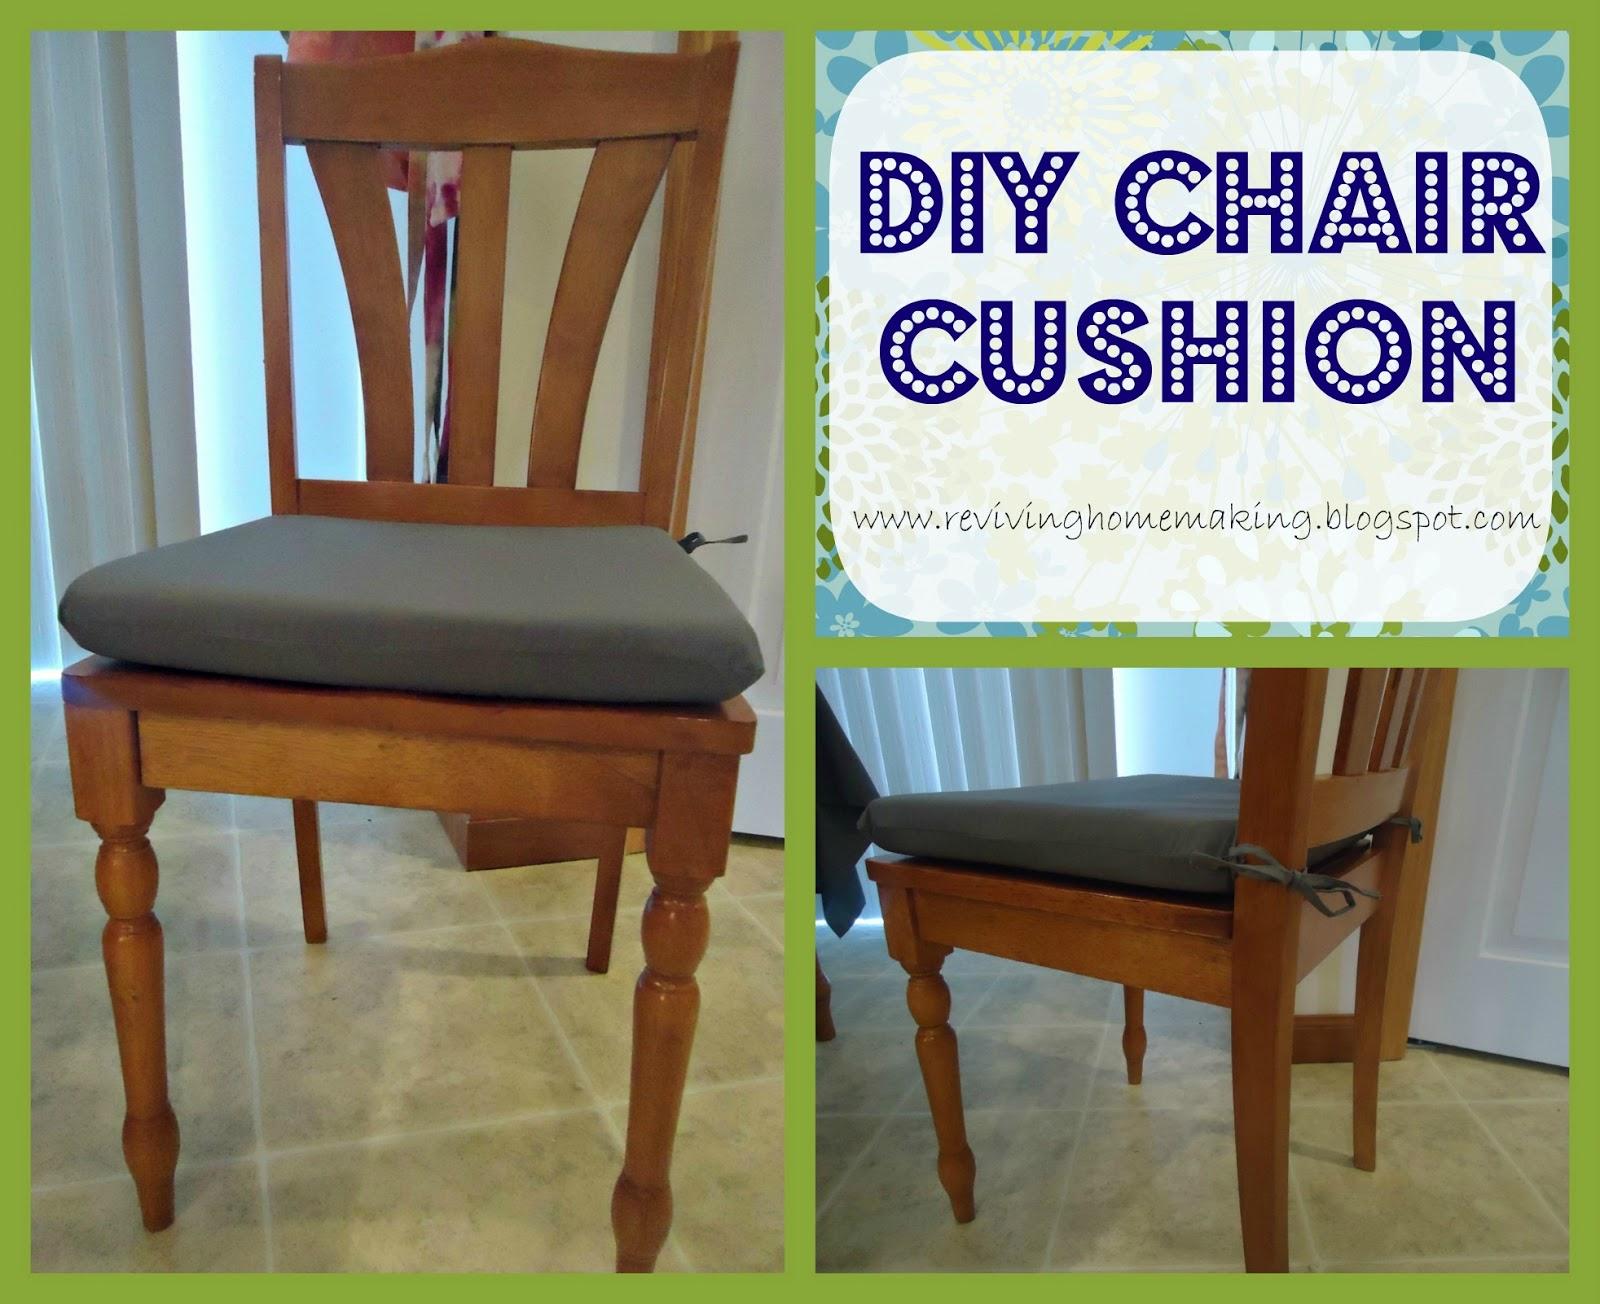 Reviving Homemaking DIY Chair Cushion